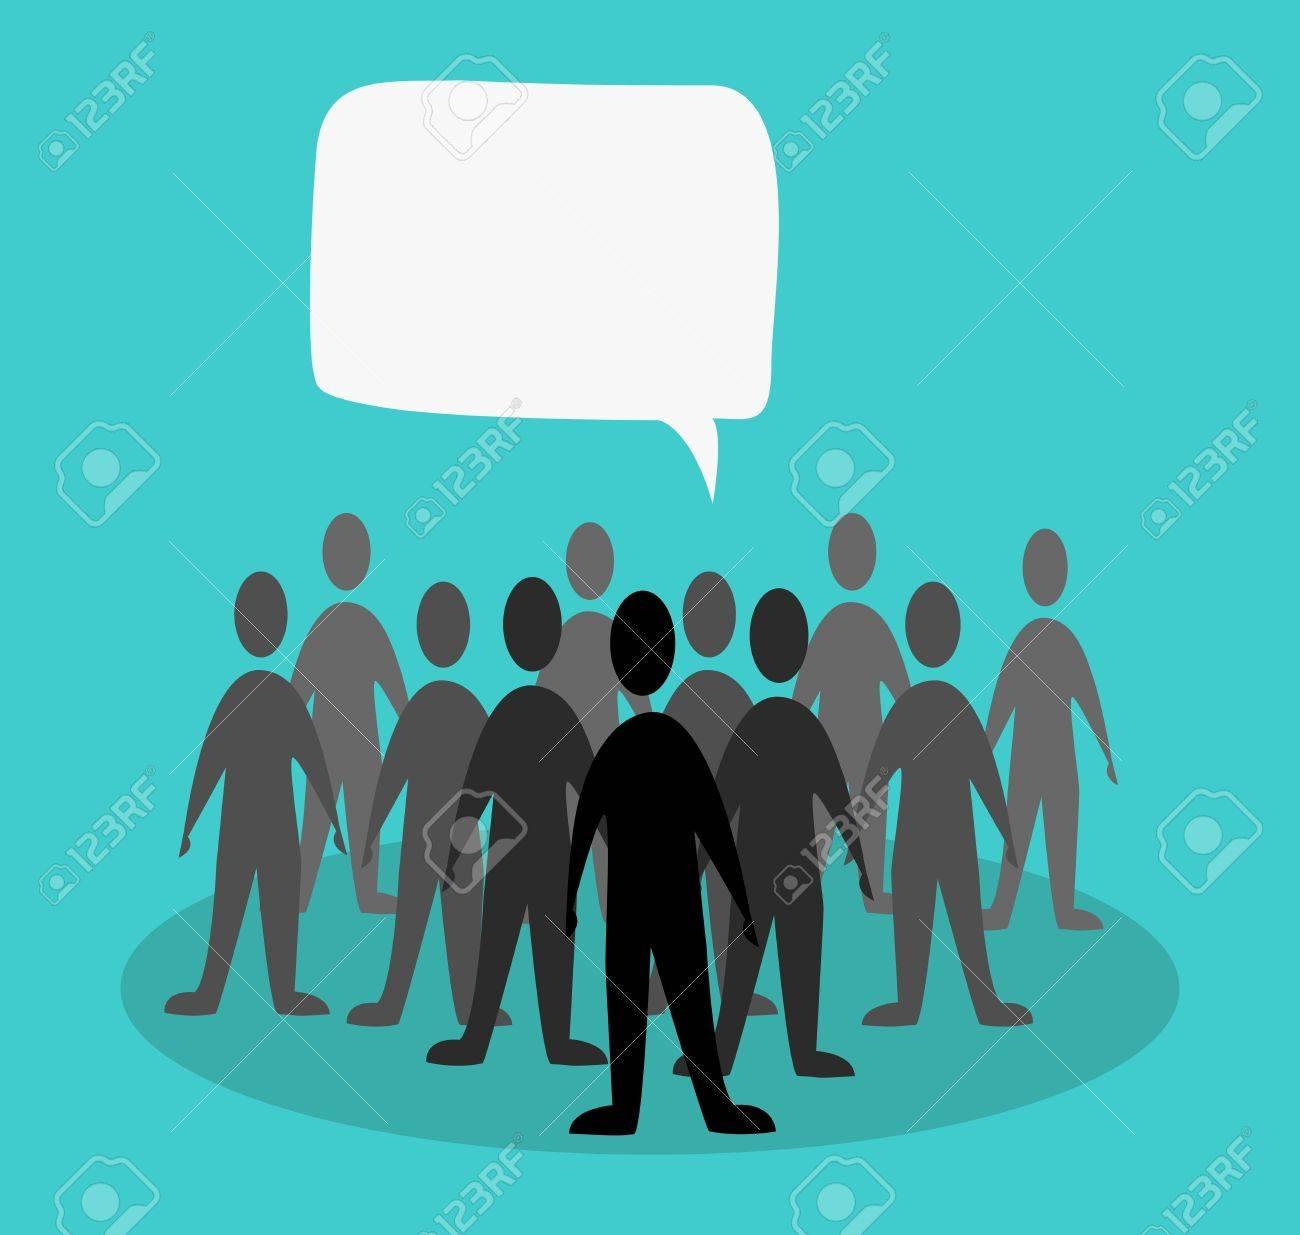 crowd speak concept in green background Stock Vector - 11013881